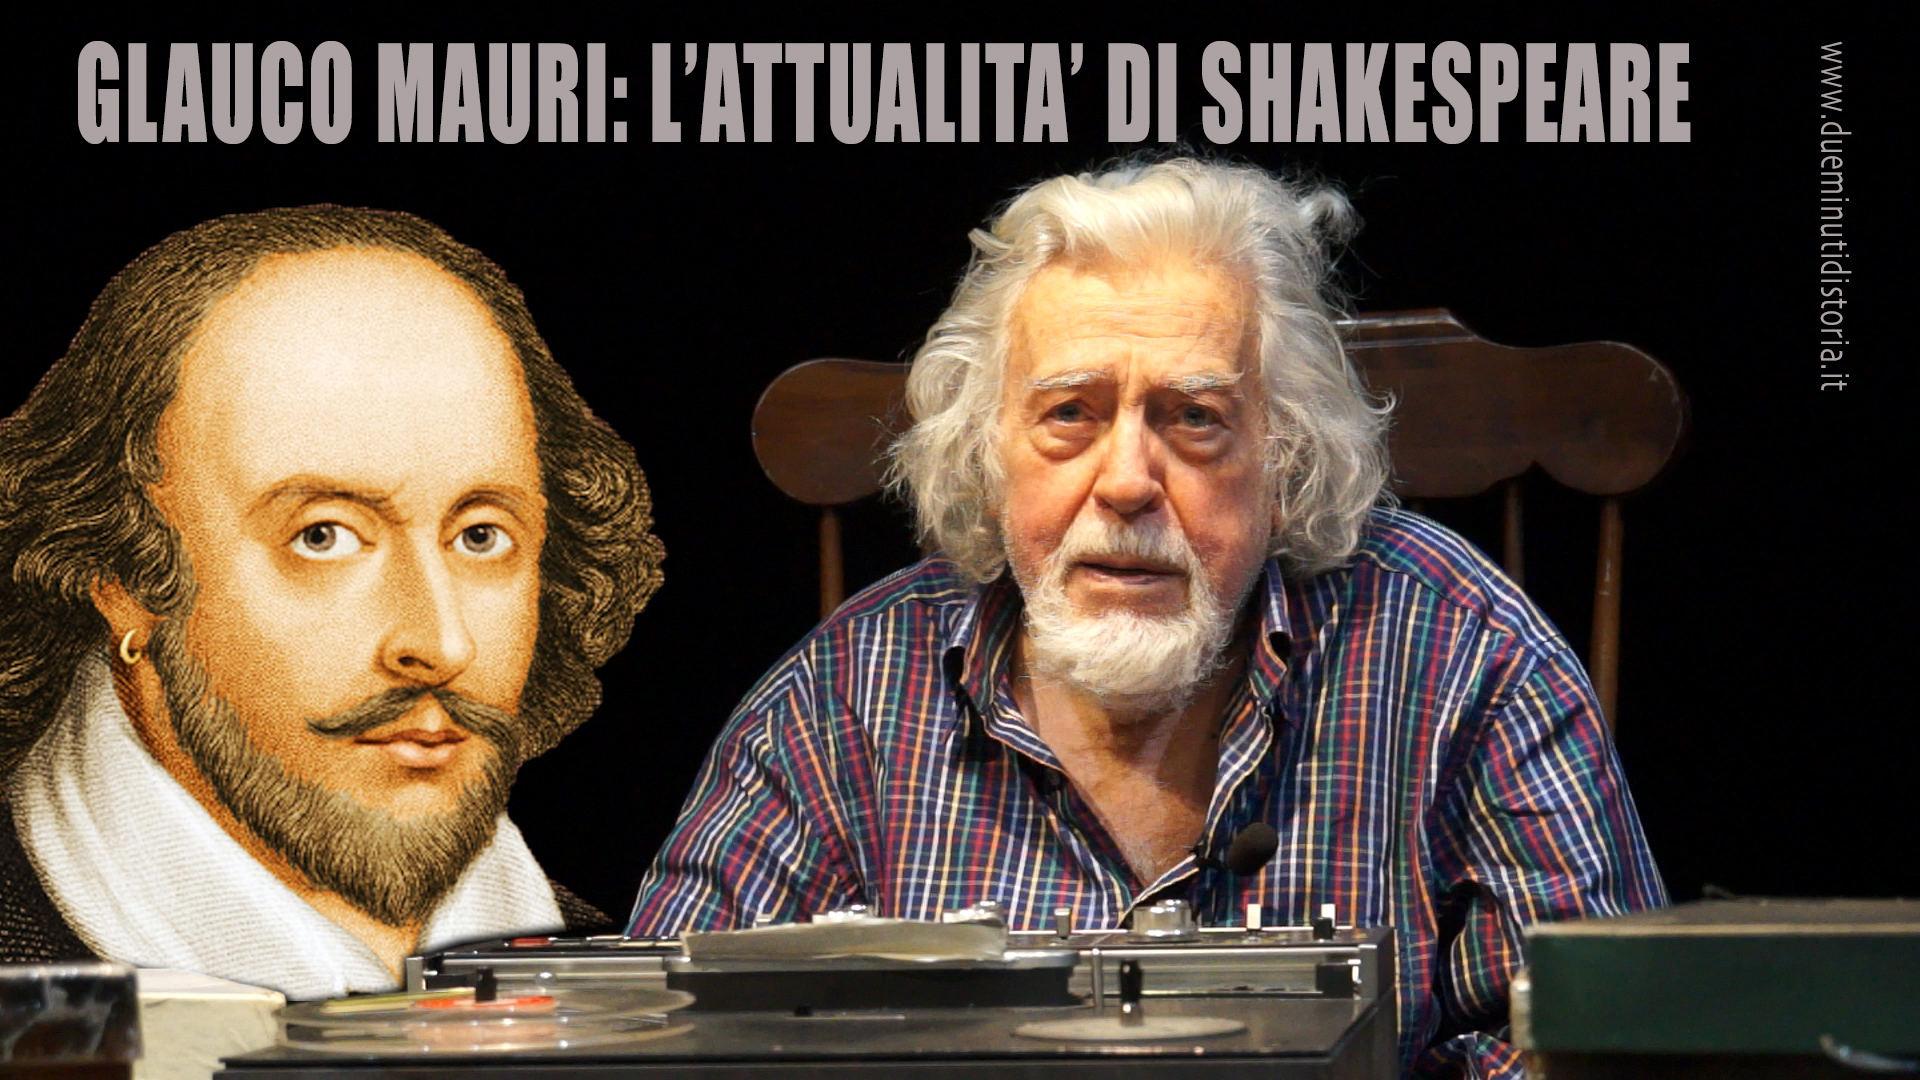 Glauco Mauri: l'attualità di William Shakespeare